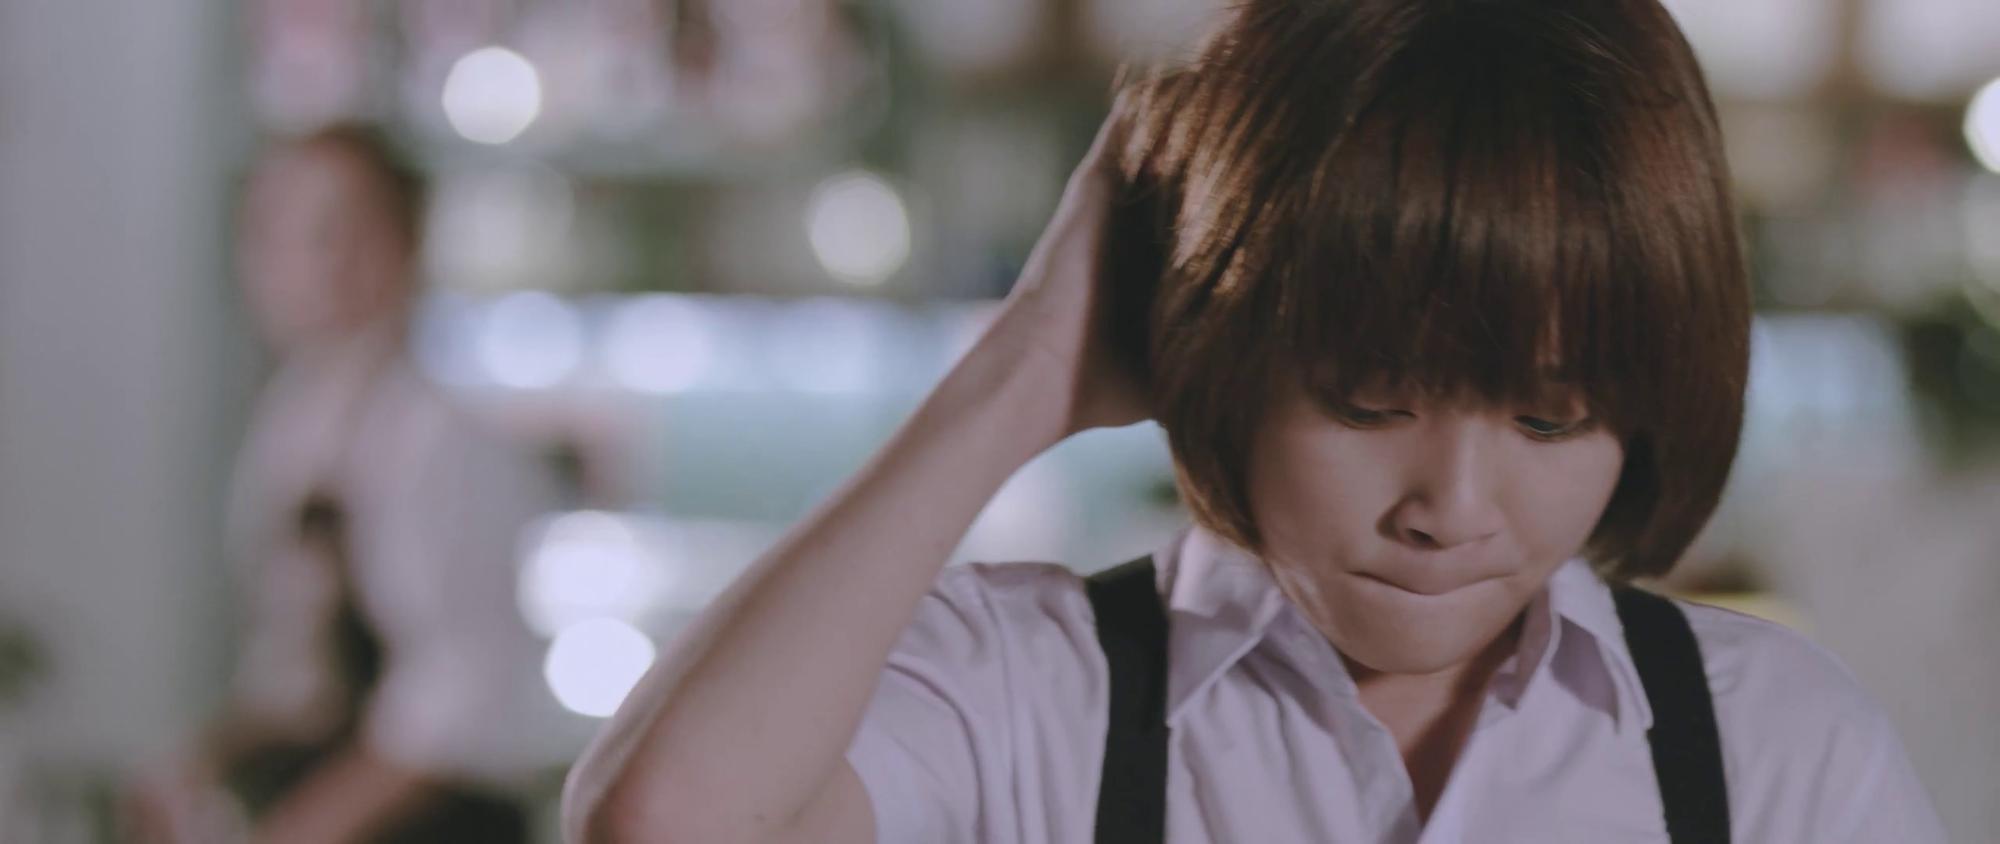 Cậu bé đáng yêu như thiên thần trong MV Đã lỡ yêu em nhiều của JustaTee là ai?-1